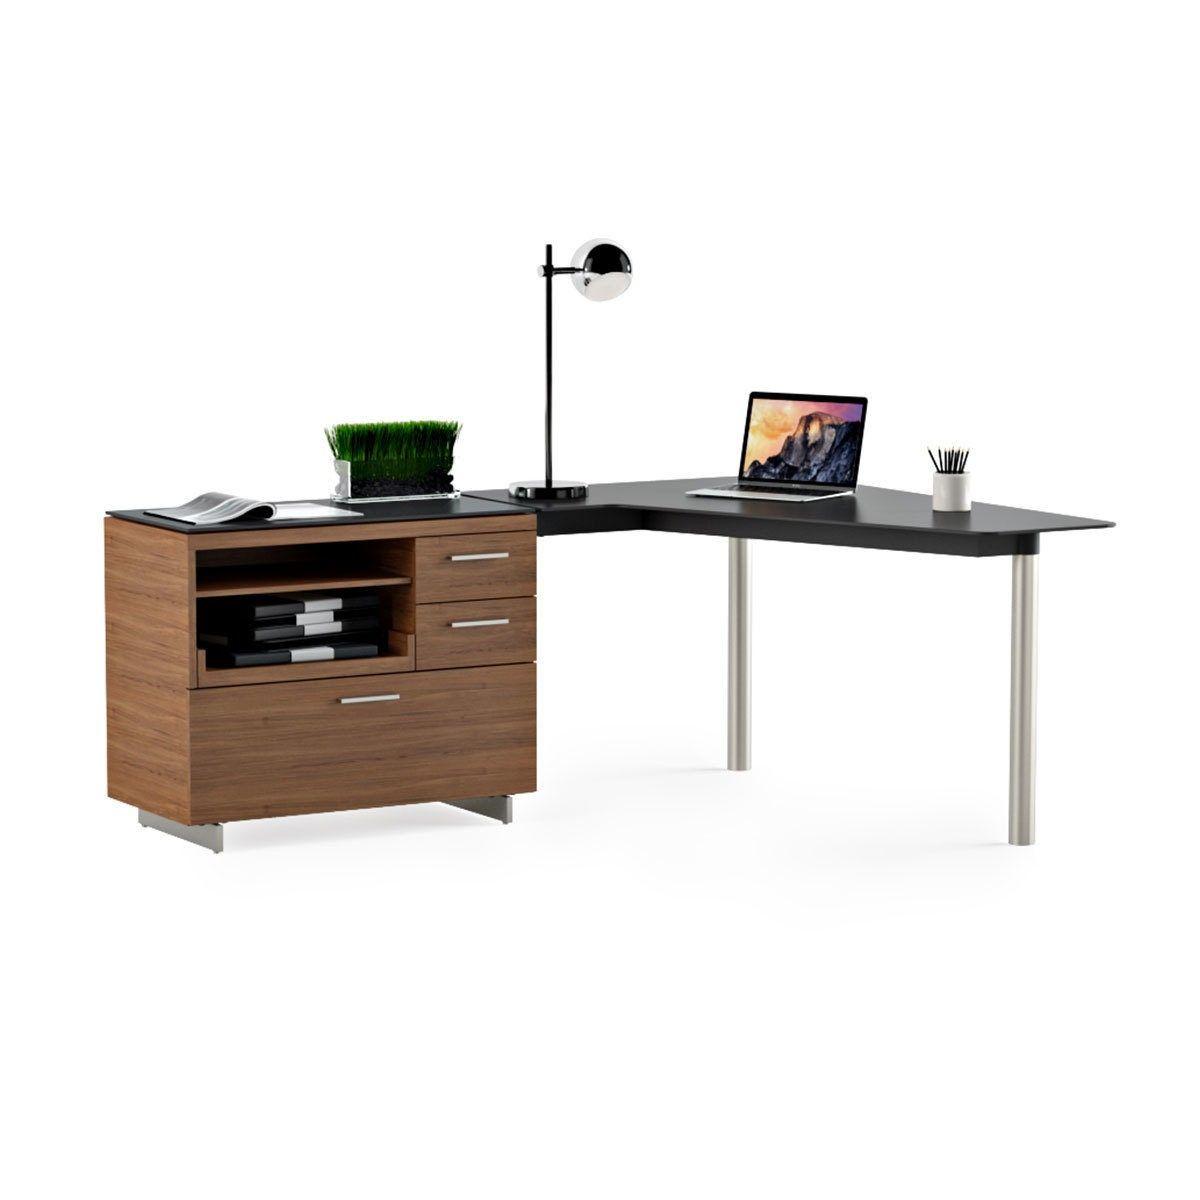 Bdi Sequel 6018r Peninsula Right Facing Indoor Furniture